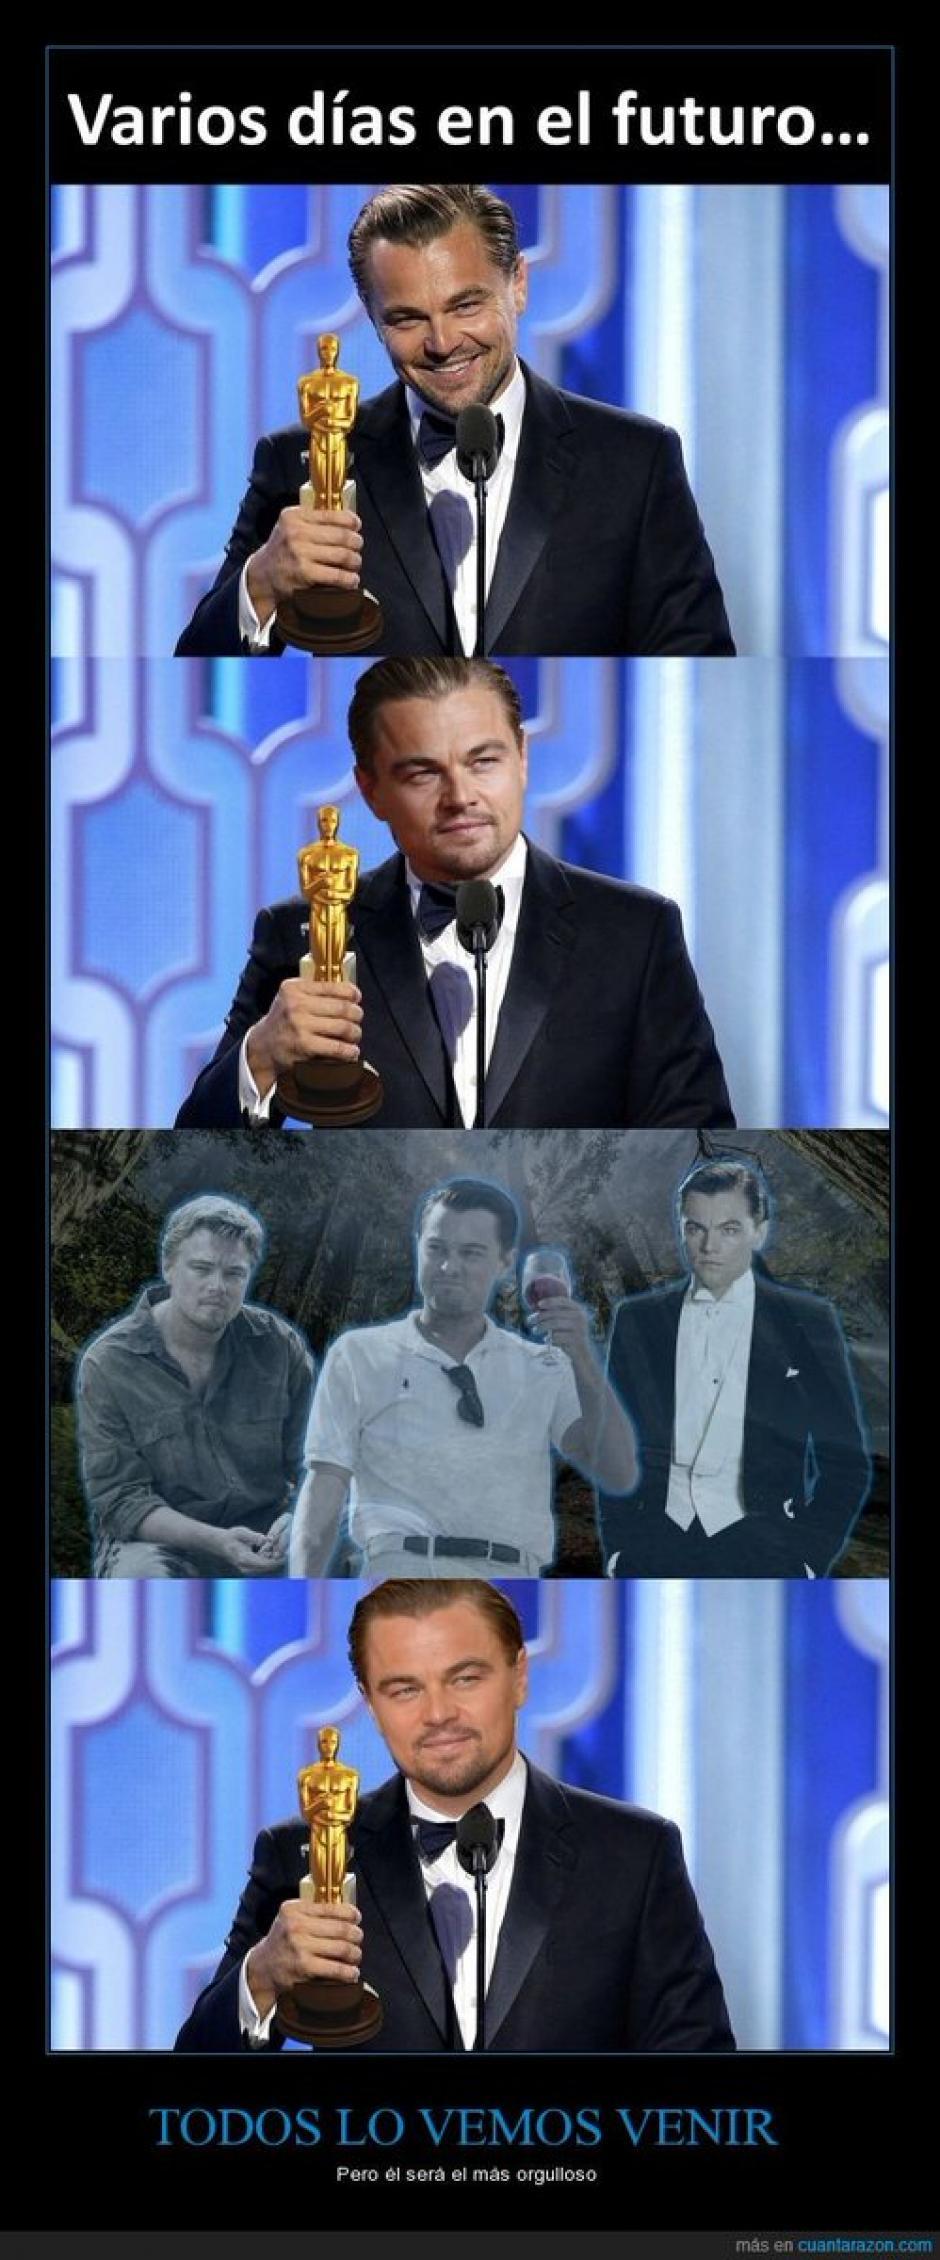 Los memes de Leonardo DiCaprio fueron los más llamativos.